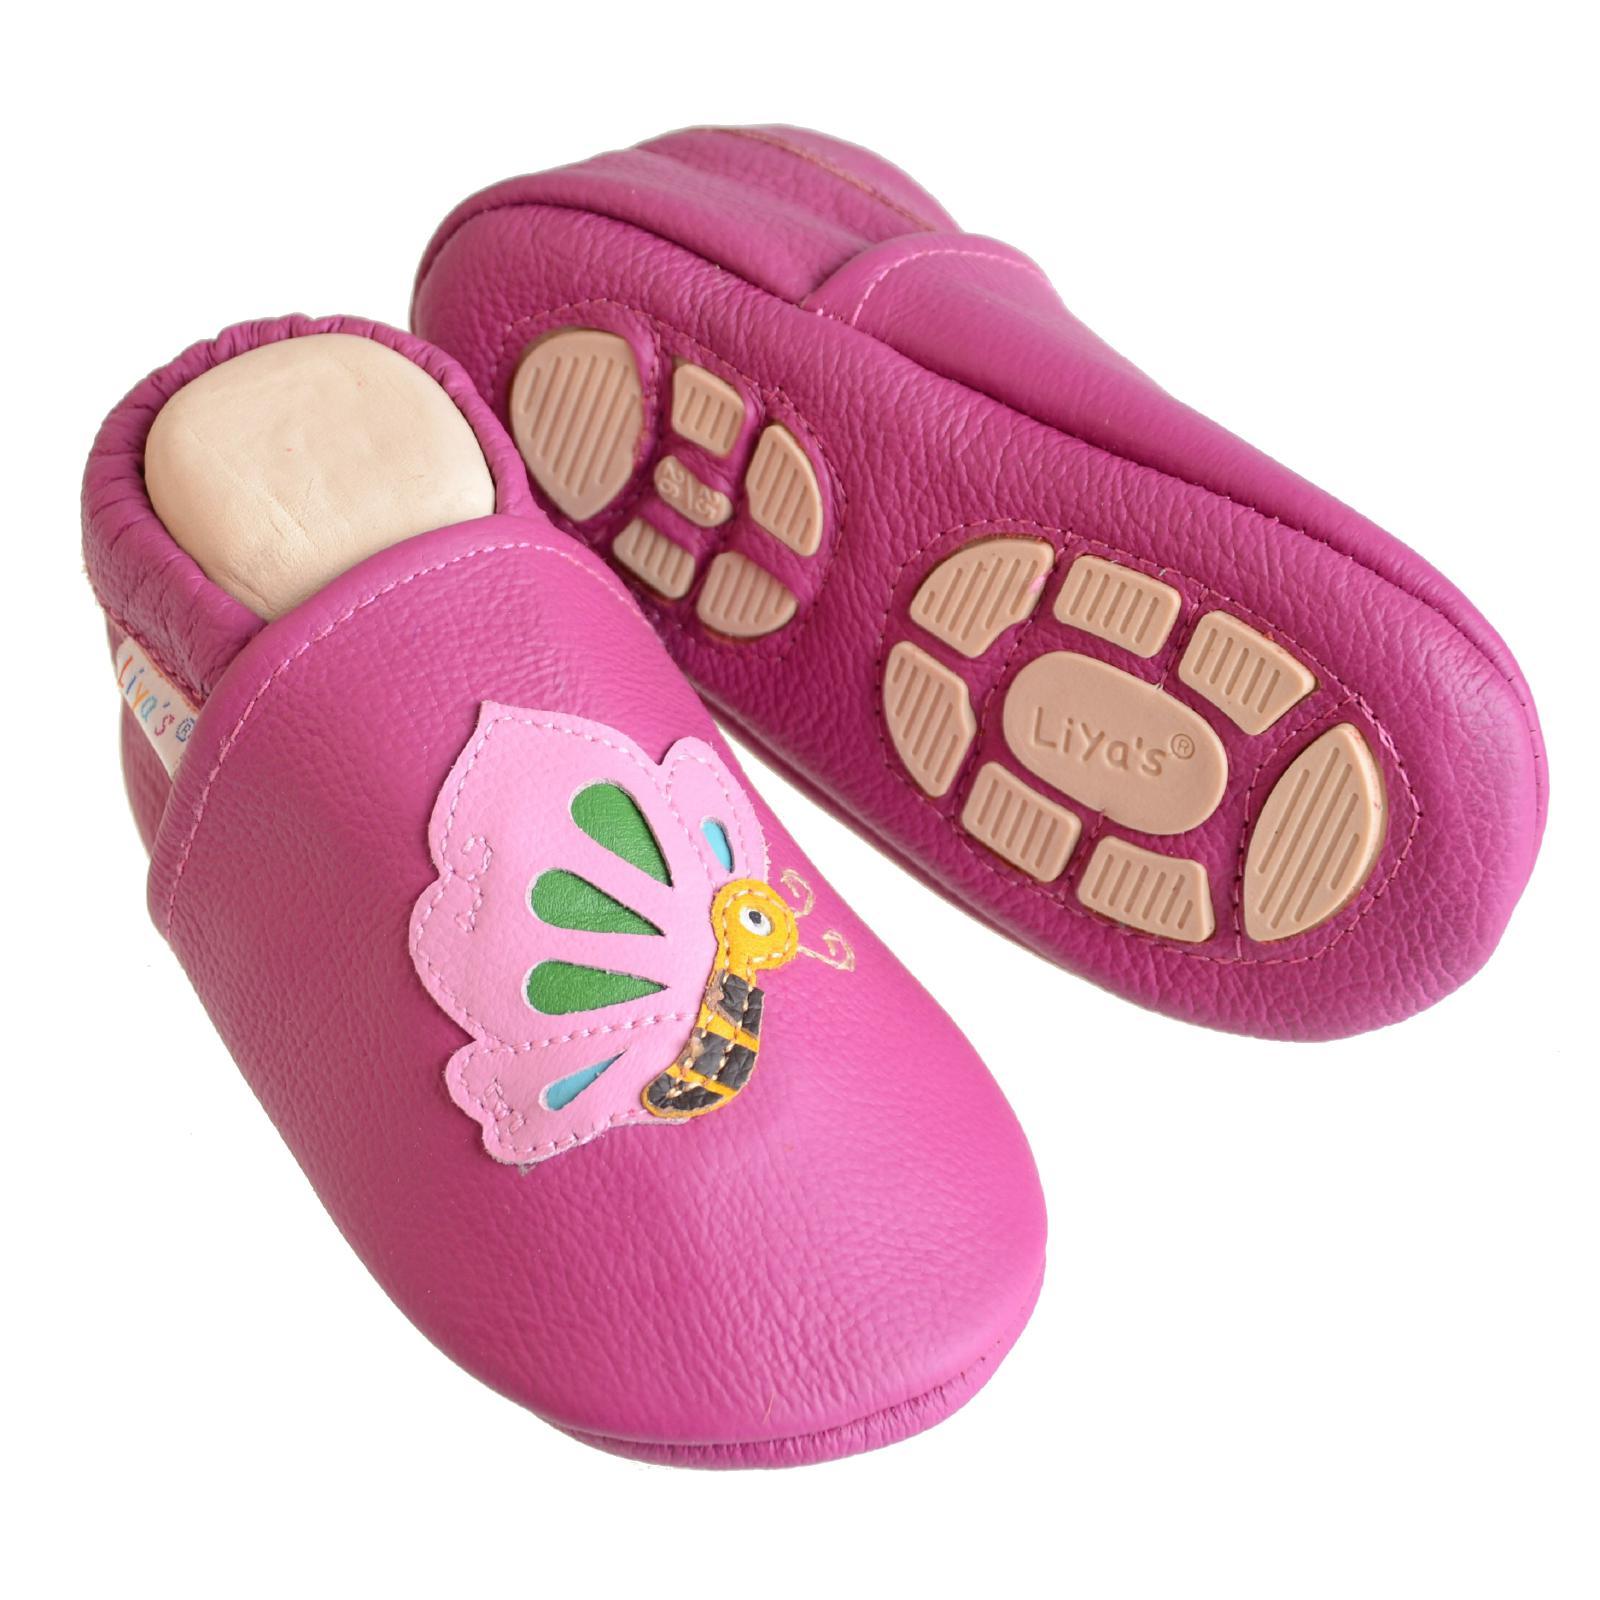 Liya/'s Babyschuhe Lederpuschen Lauflernschuhe #661 Schmetterling in pink